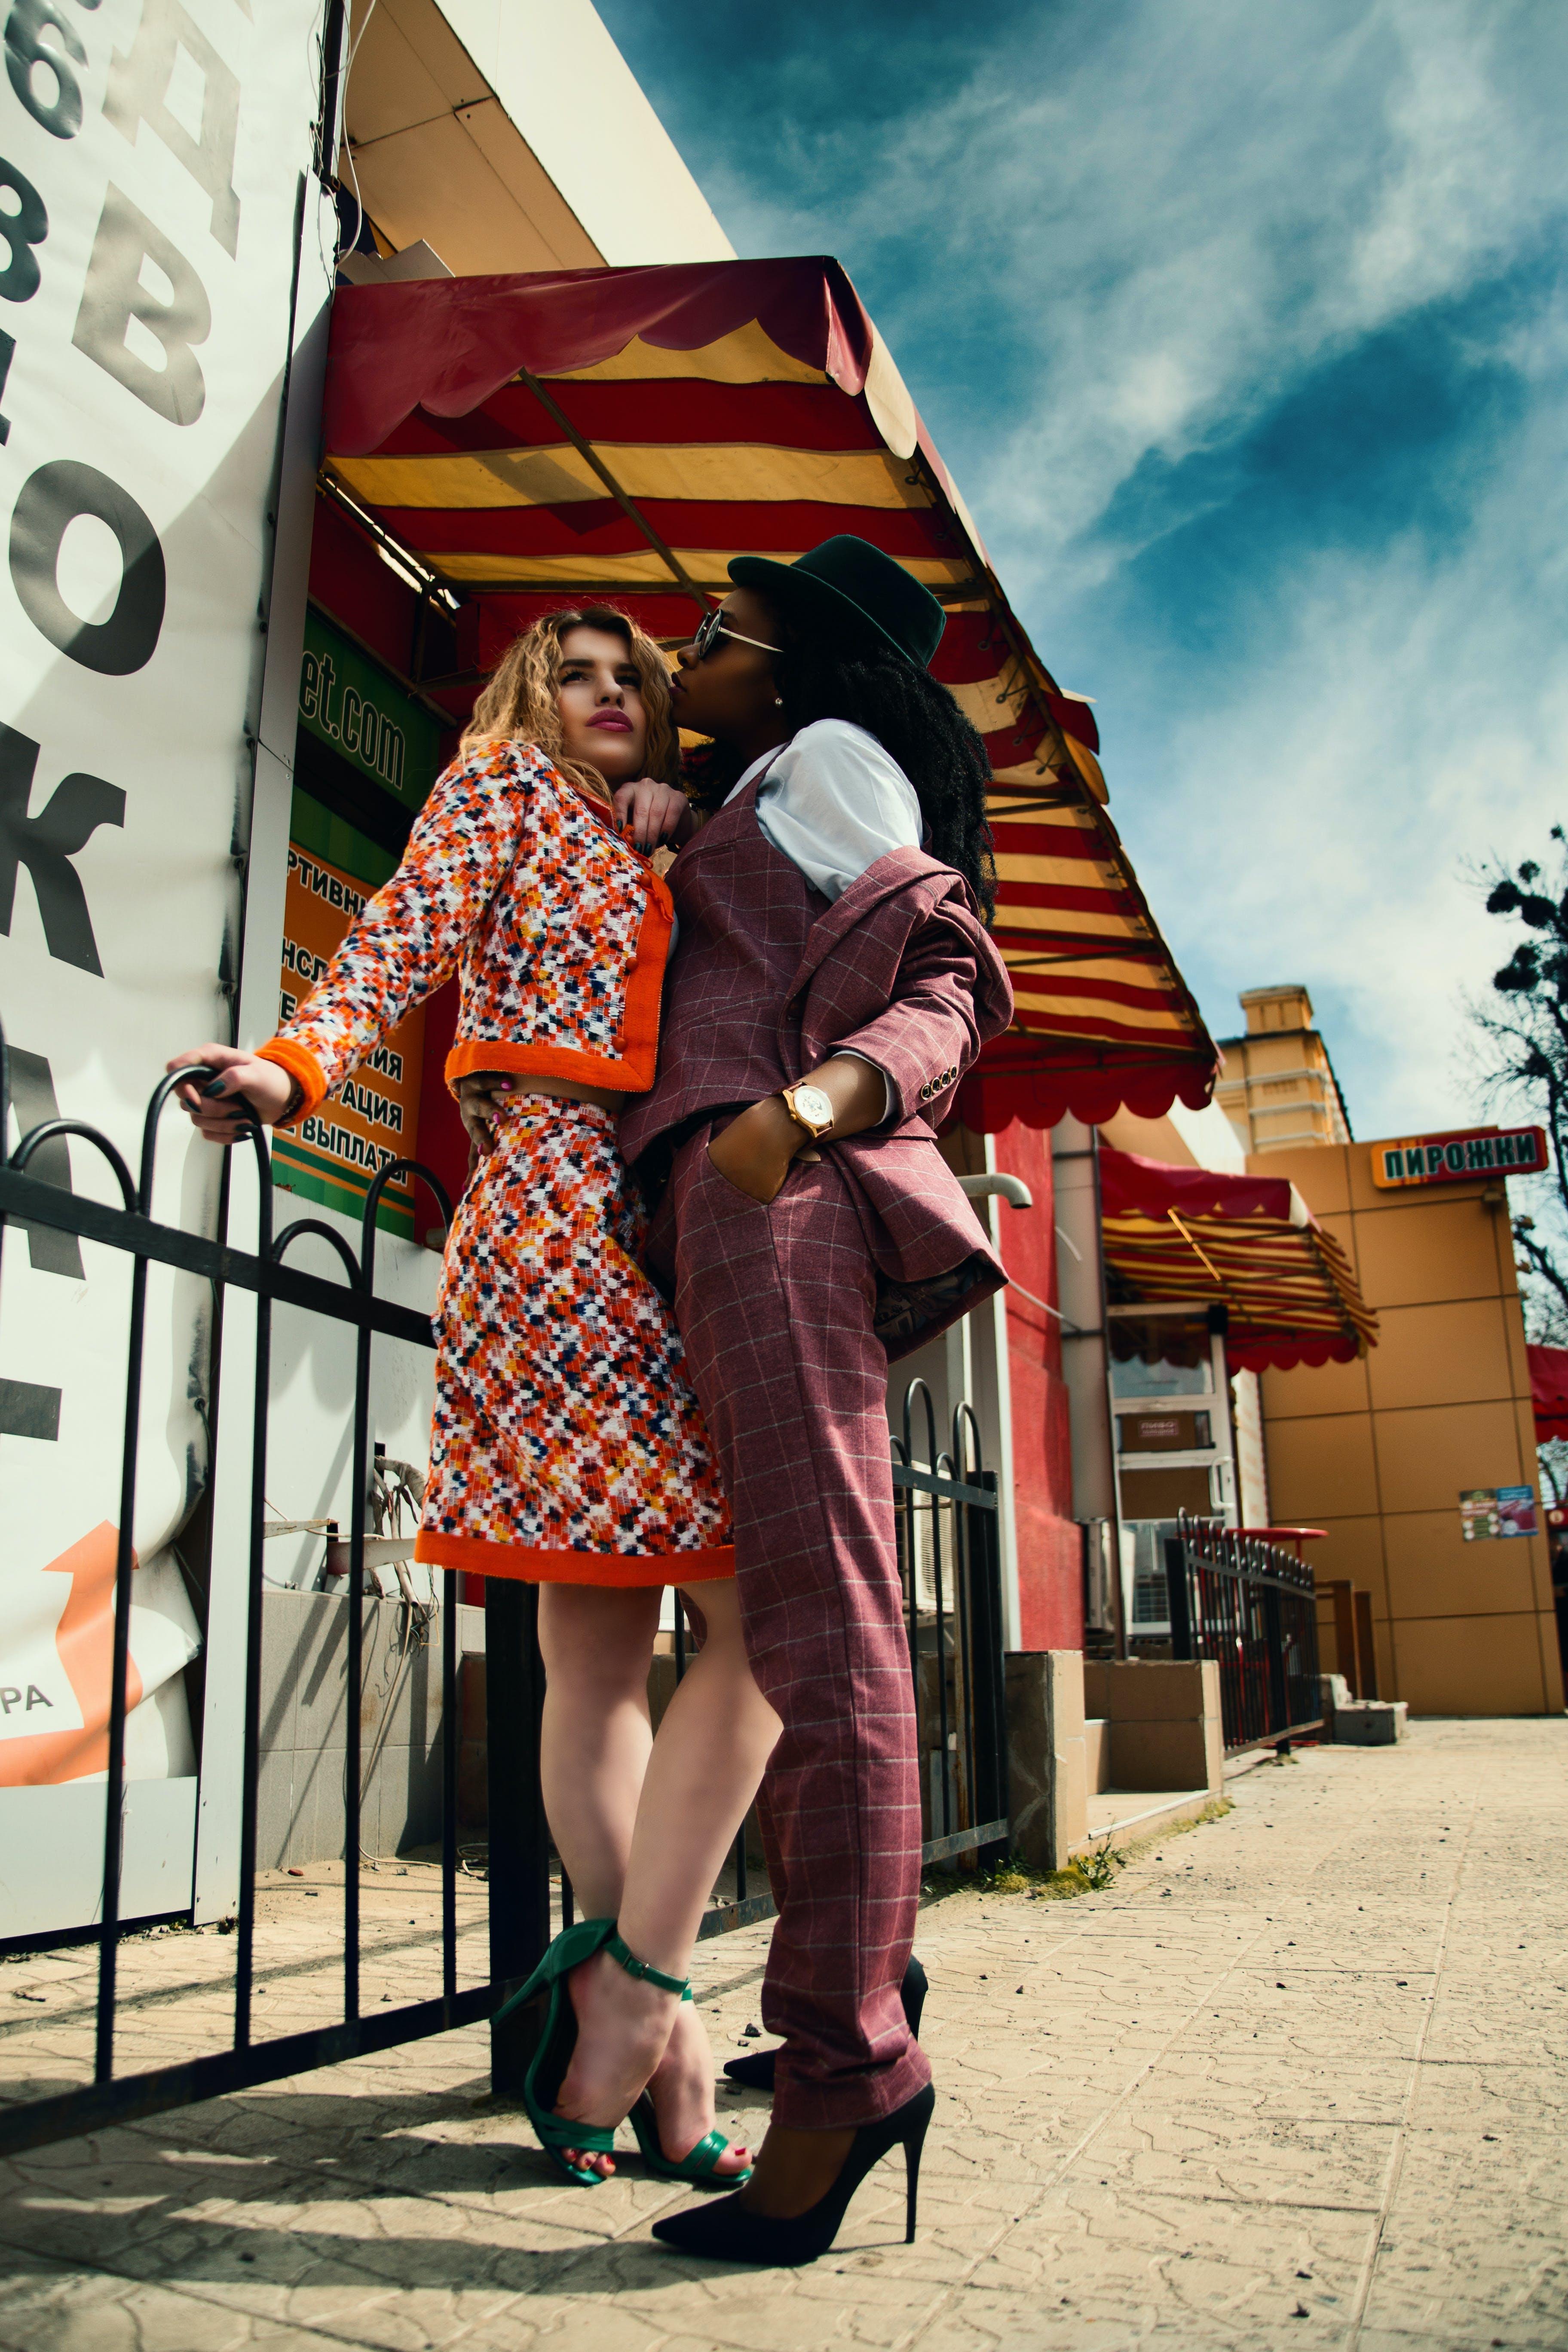 Kostenloses Stock Foto zu fashion, anzug, sonnenbrille, menschen